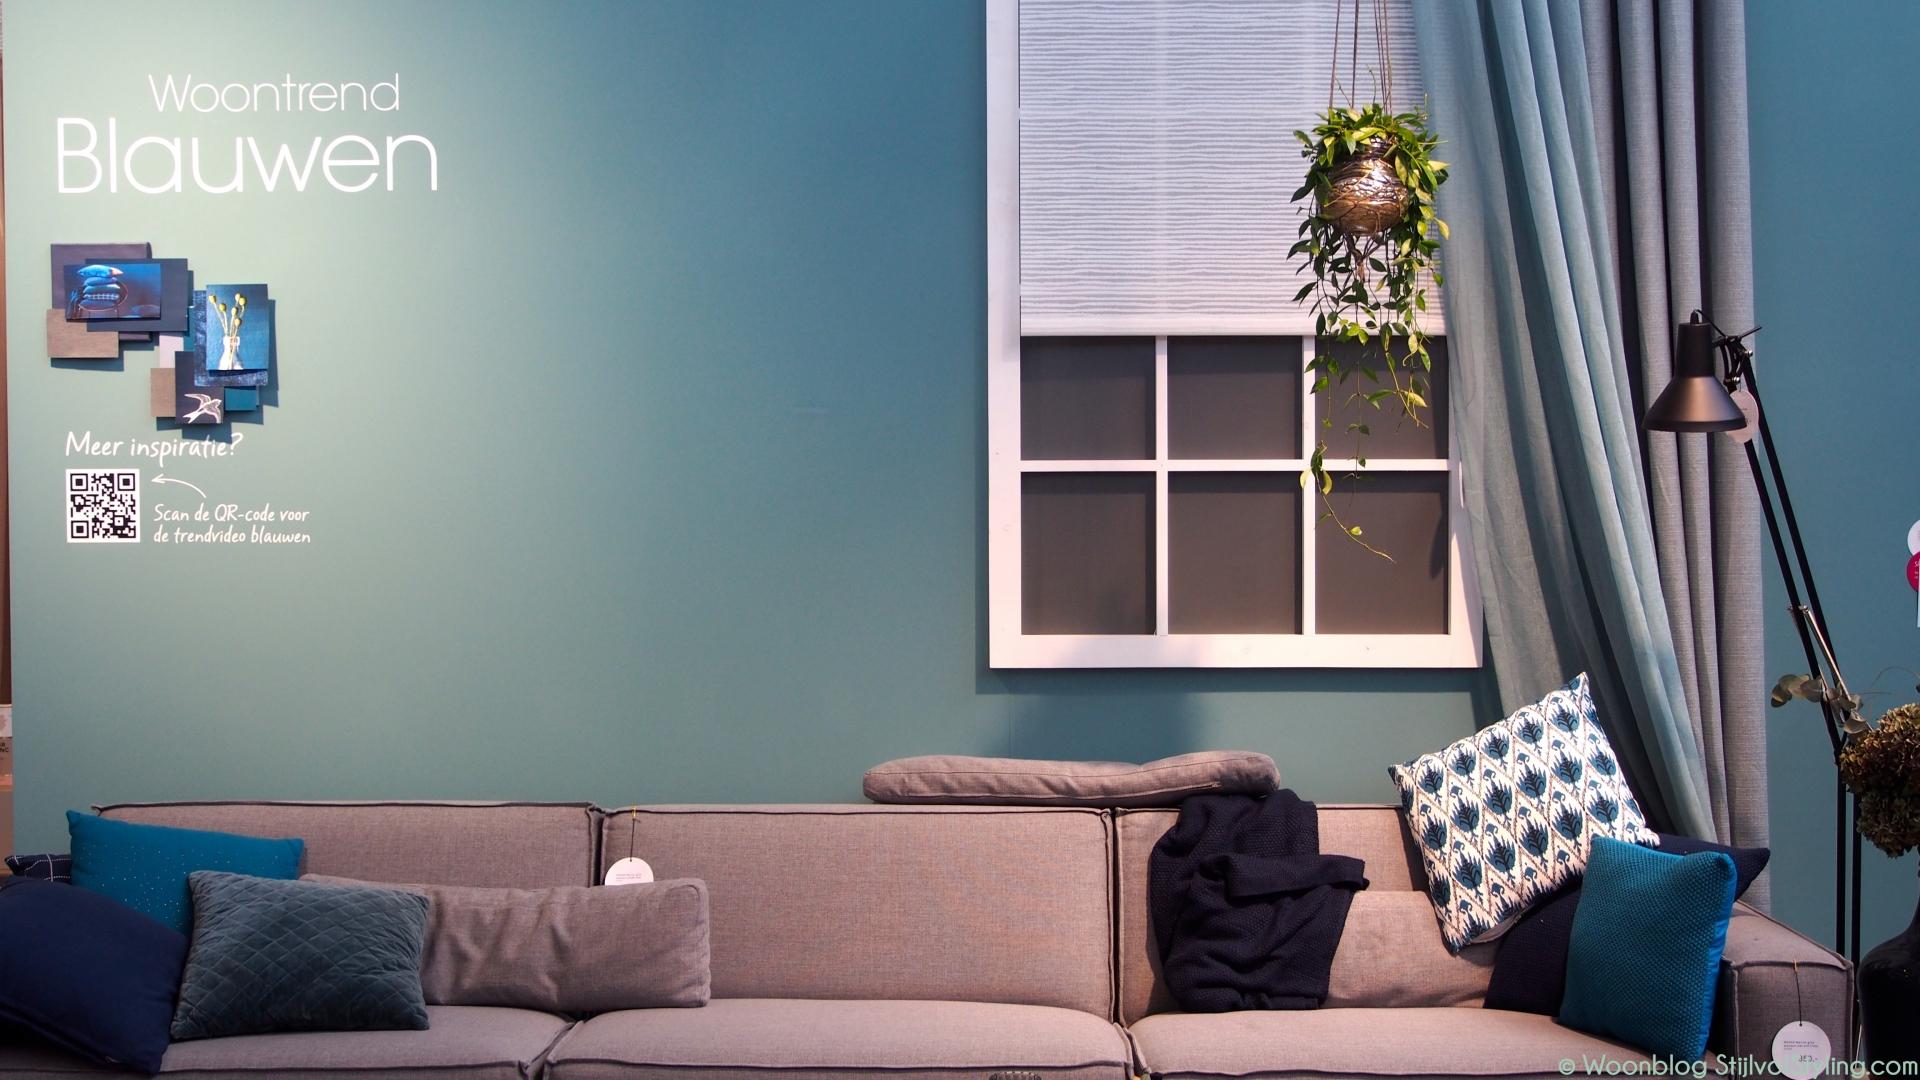 Kleuren In Interieur : Interieur blue monday interieur kleur inspiratie met blauw